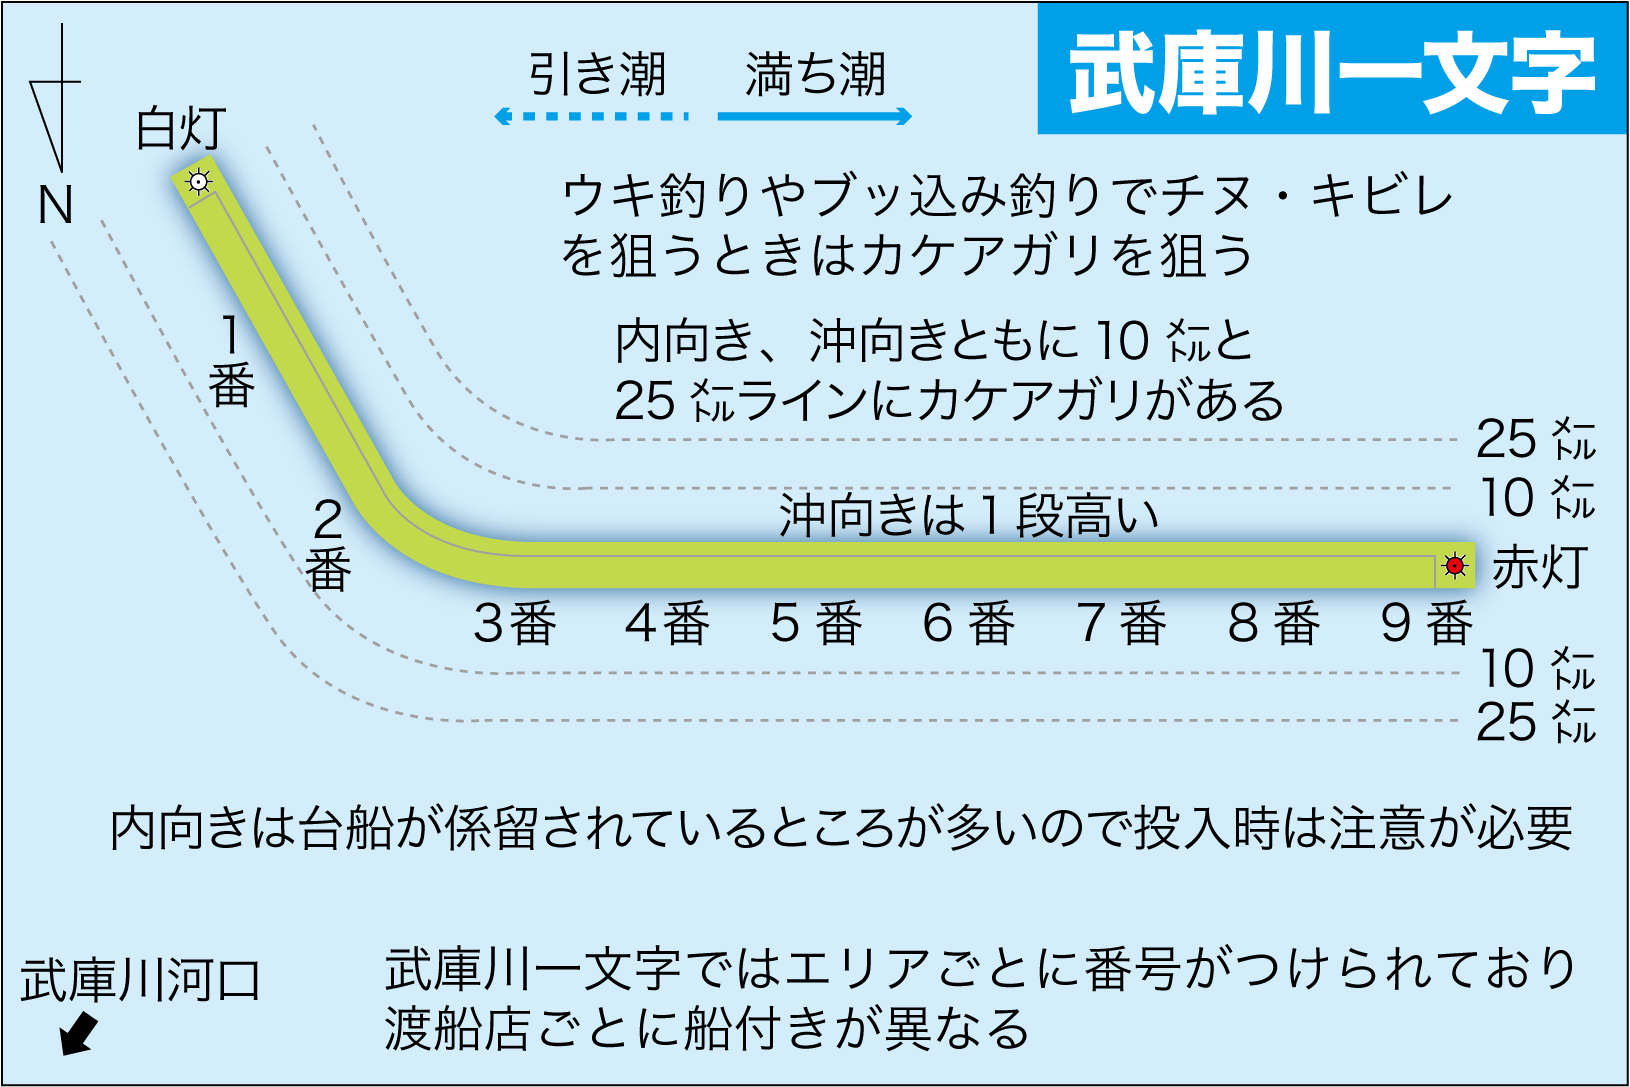 武庫川一文字